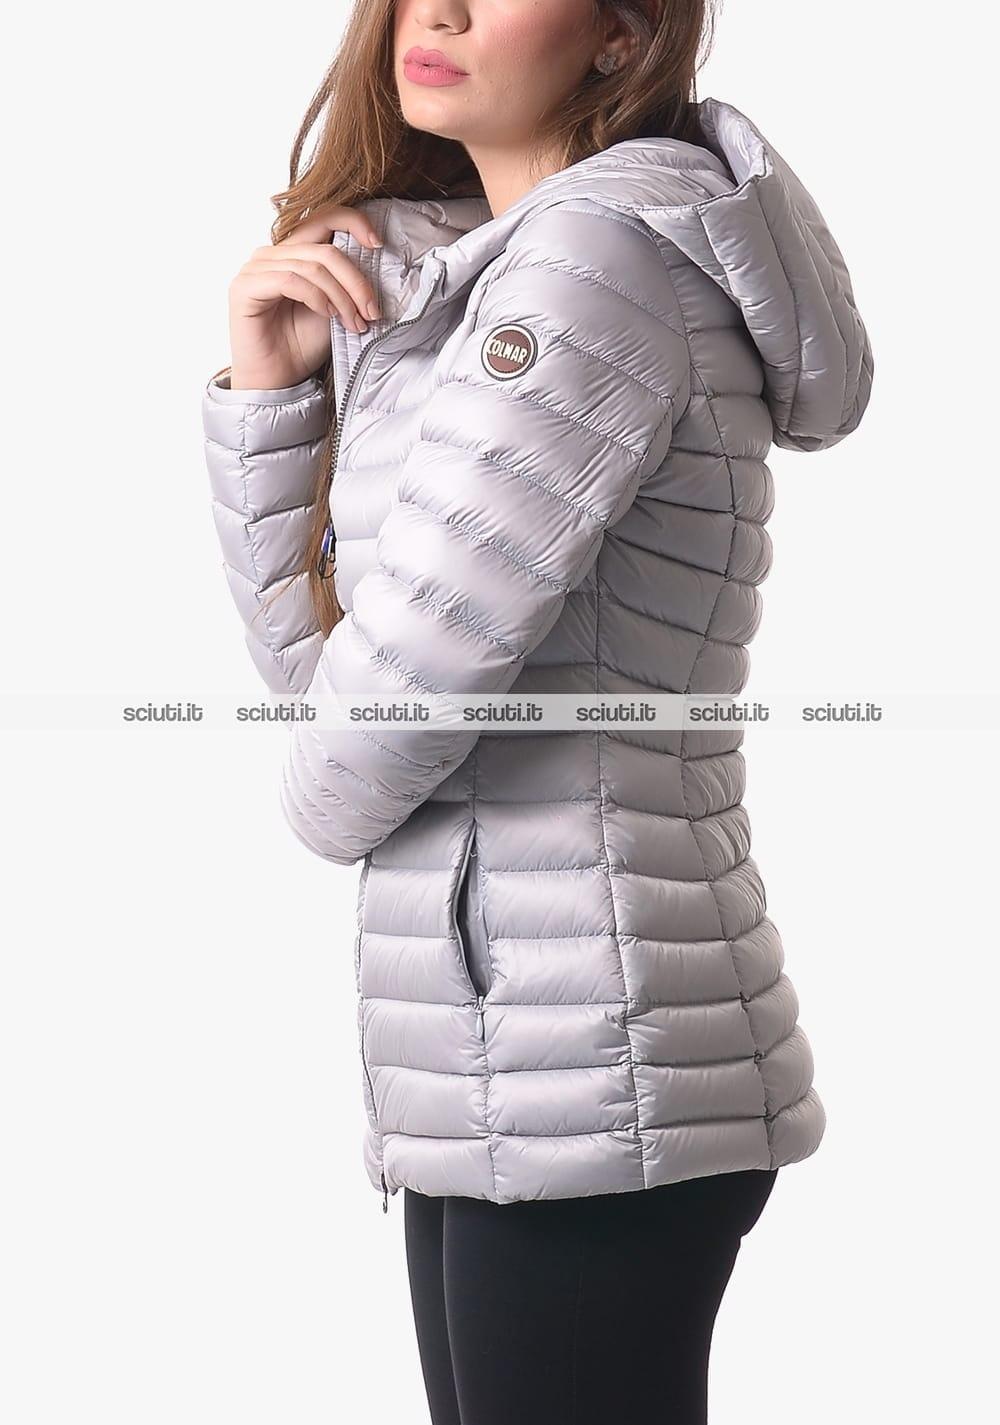 Piumino pesante Colmar donna con cappuccio grigio chiaro